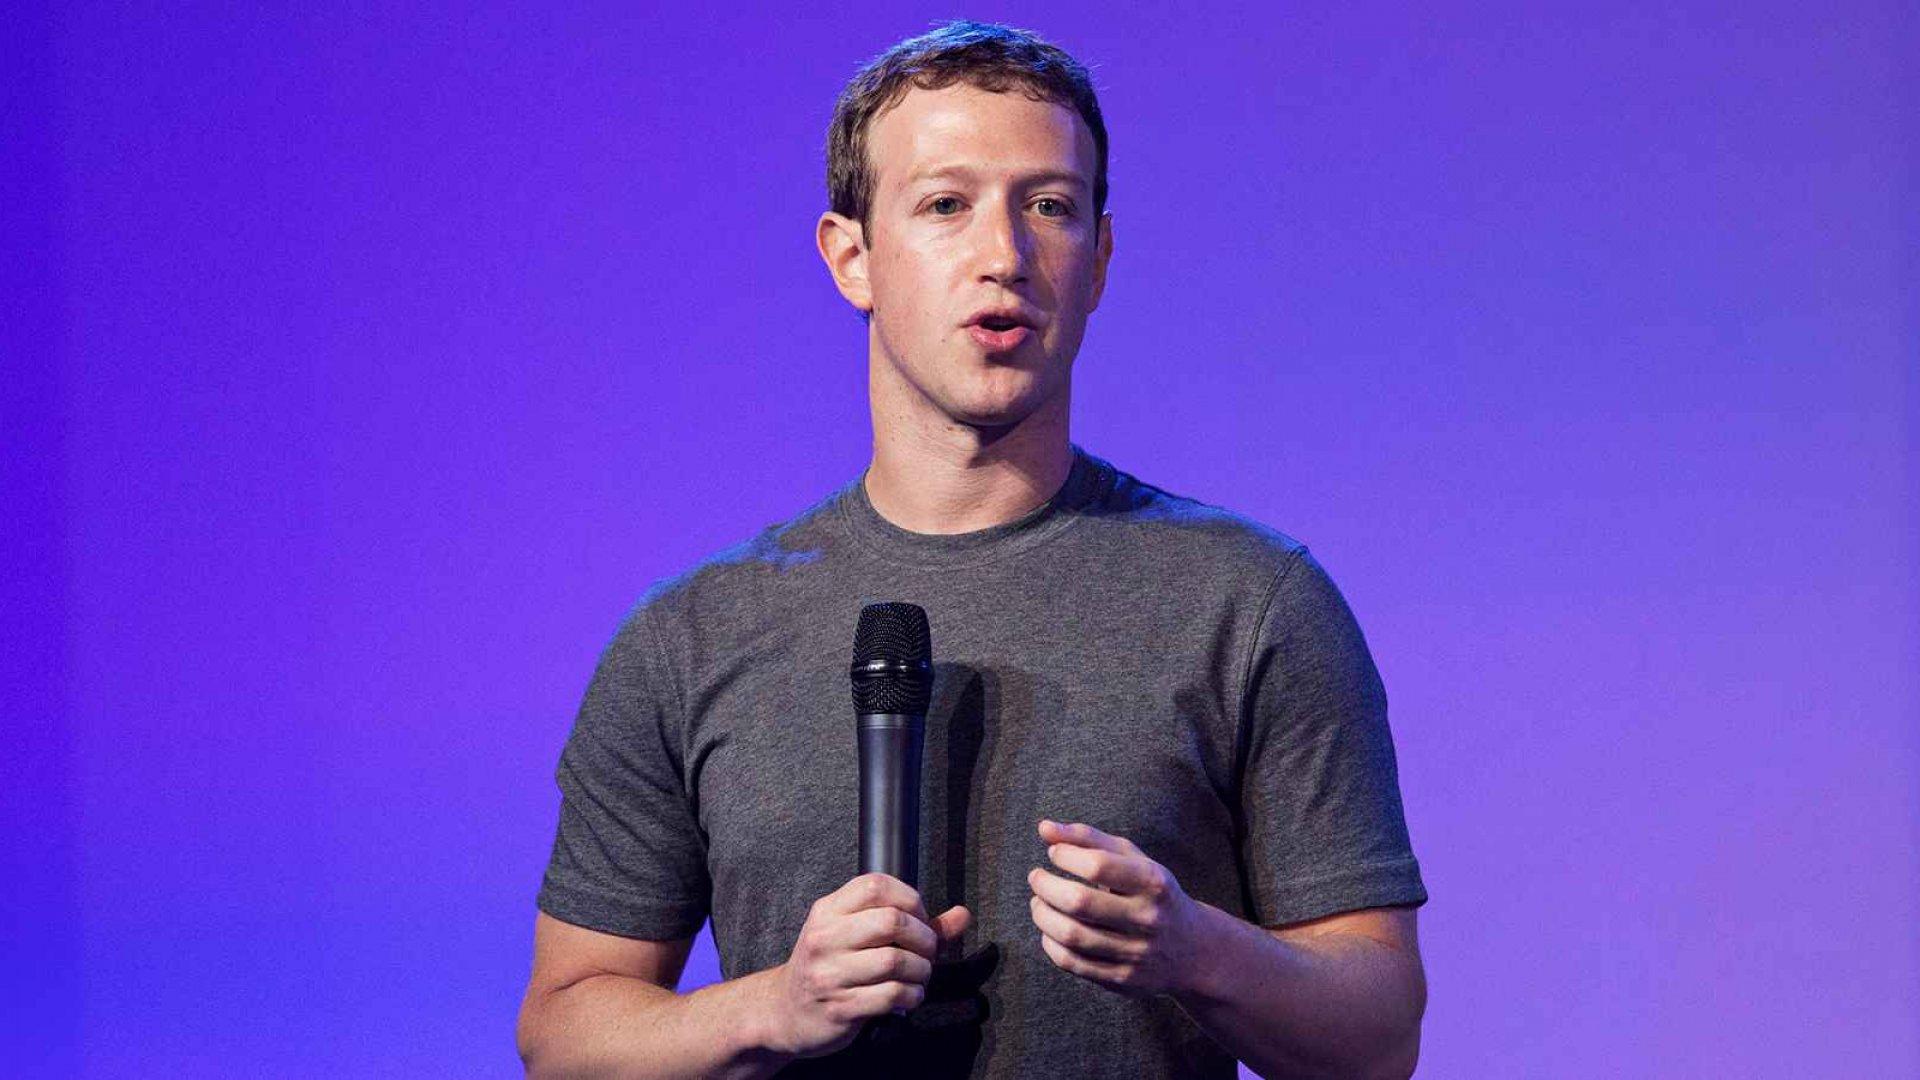 Facebook co-founder and CEO Mark Zuckerberg.